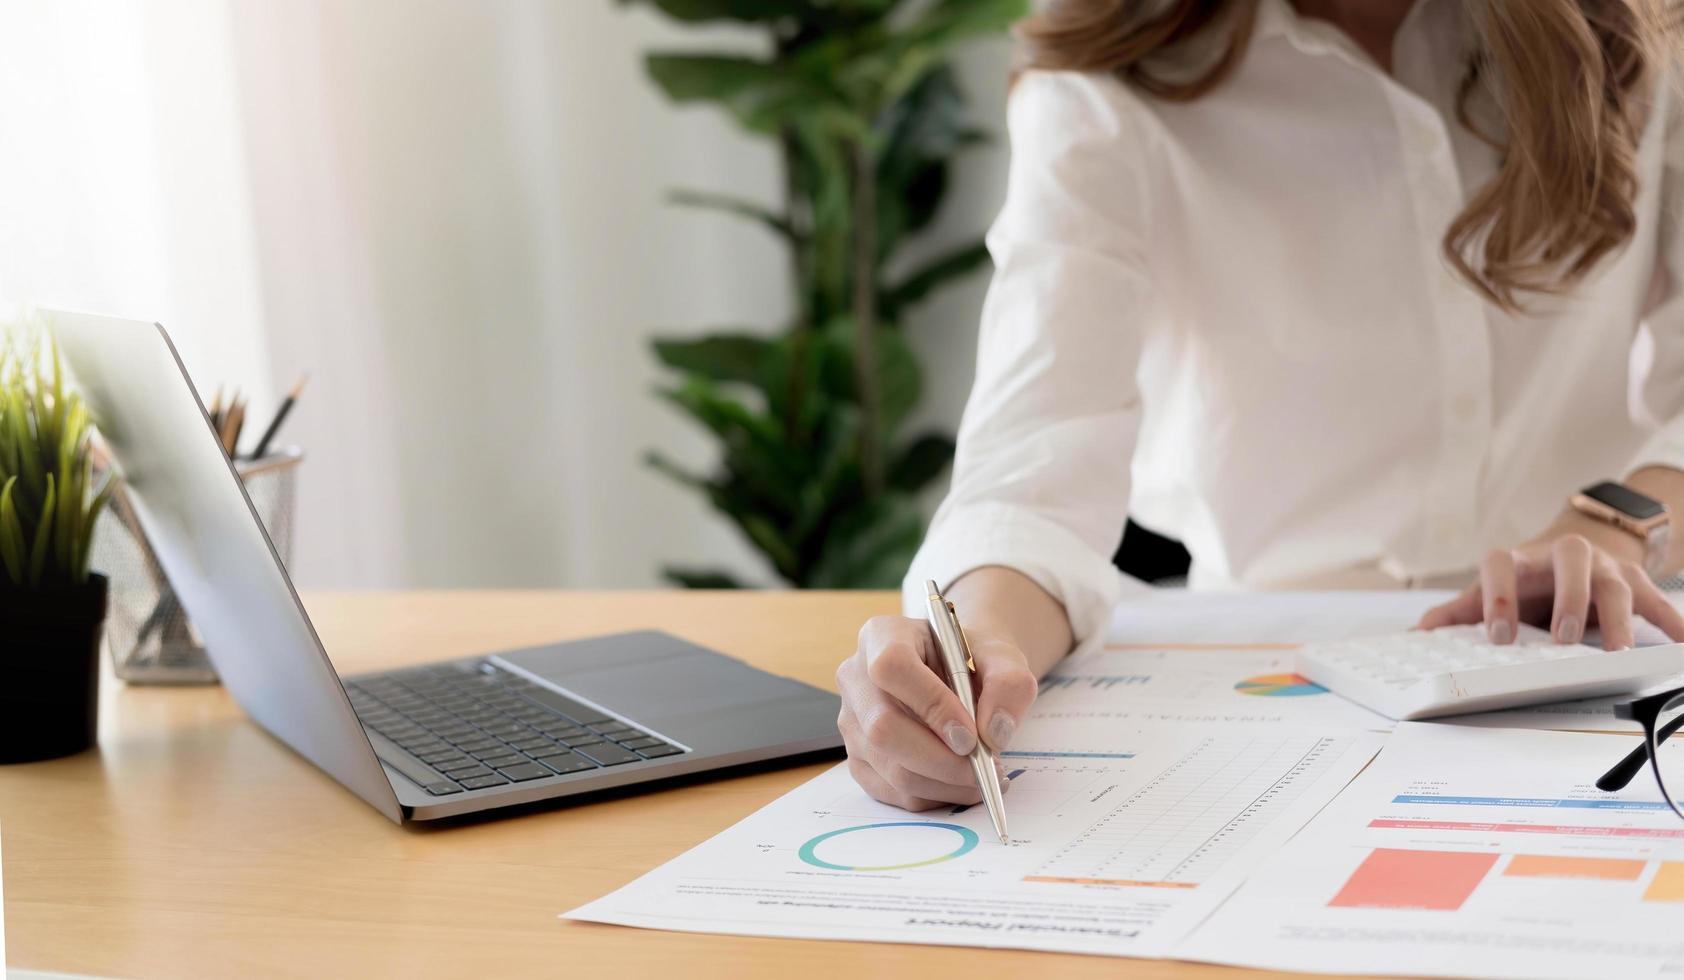 zakenvrouw hand met pen en wijzend op financiële papierwerk met financiële netwerkdiagram. foto